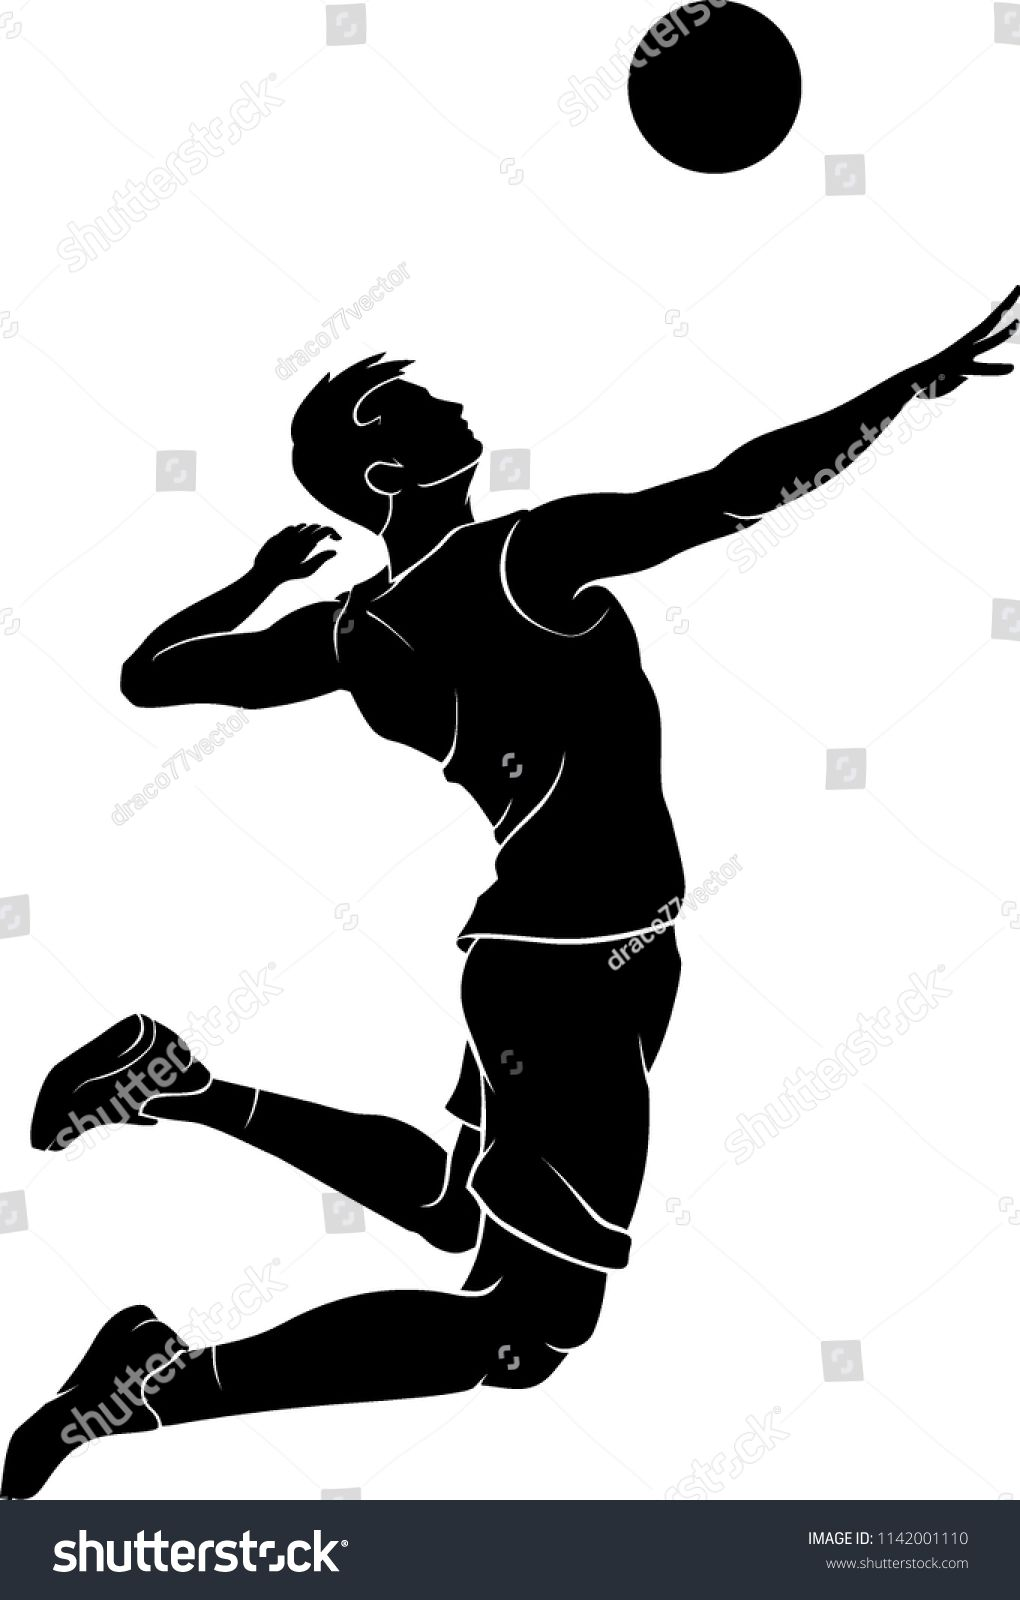 Vetor Stock De Male Volleyball Mid Air Silhouette Livre De Direitos 1142001110 Em 2020 Papel De Parede De Volei Desenho De Volei Imagens De Volei